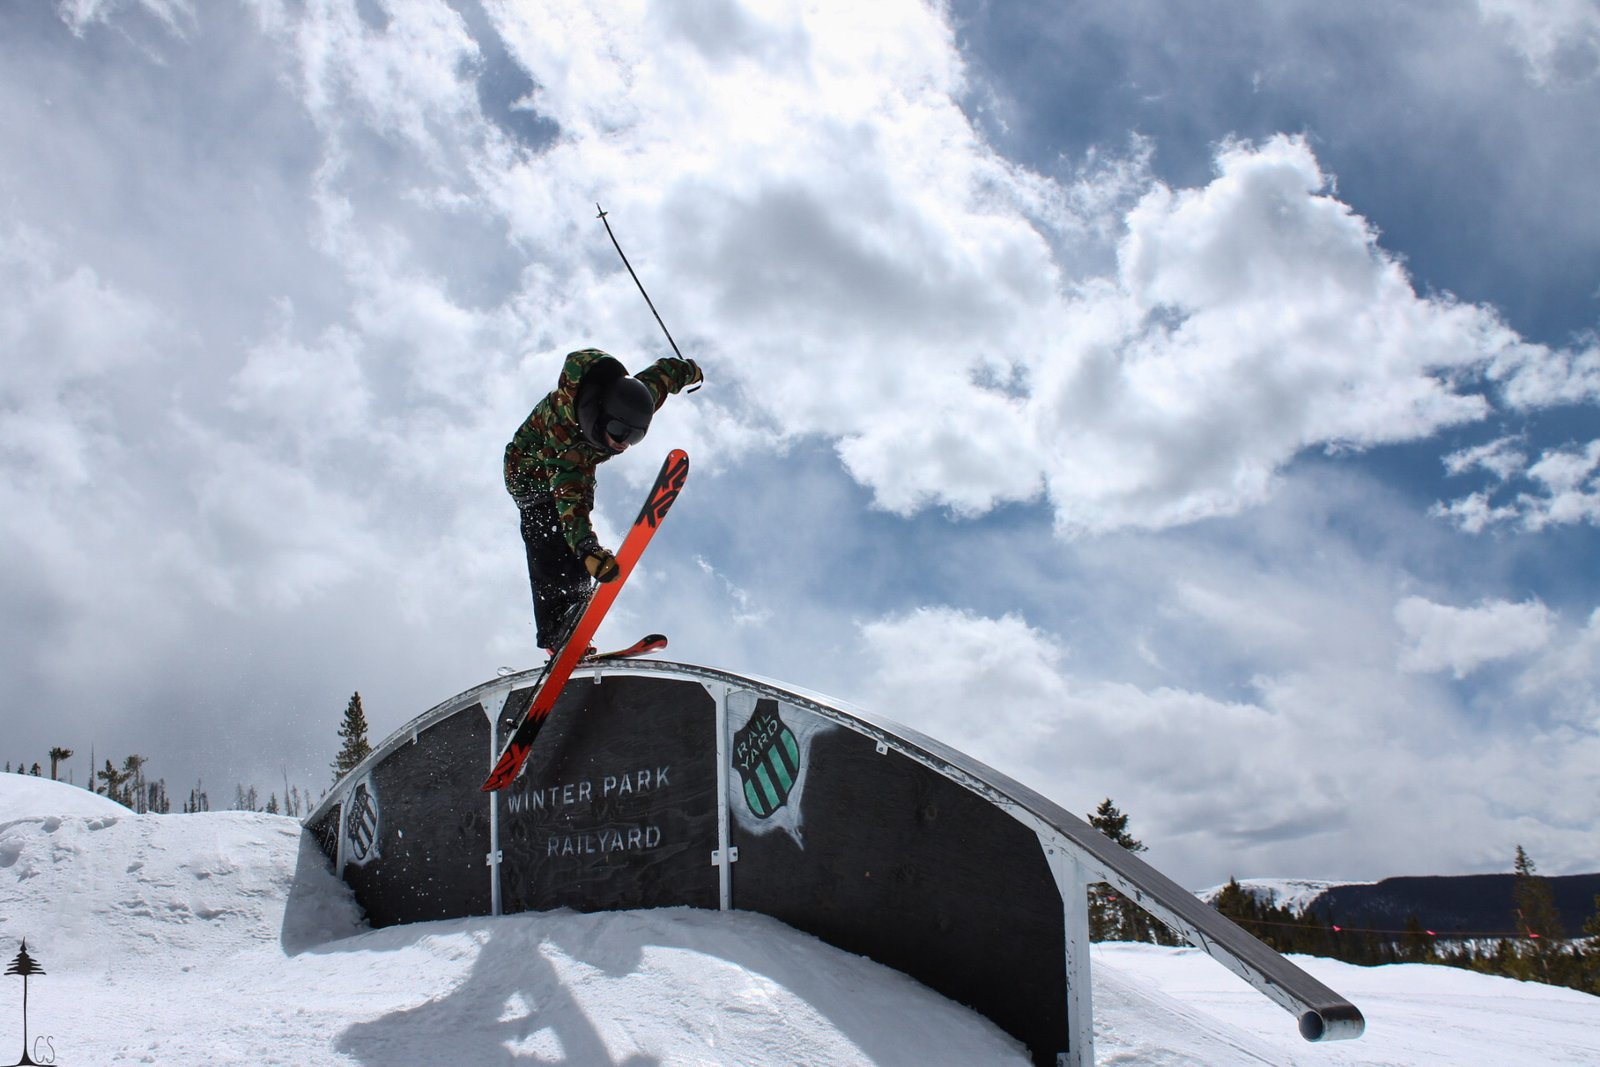 Ski Slide Nose Blunt